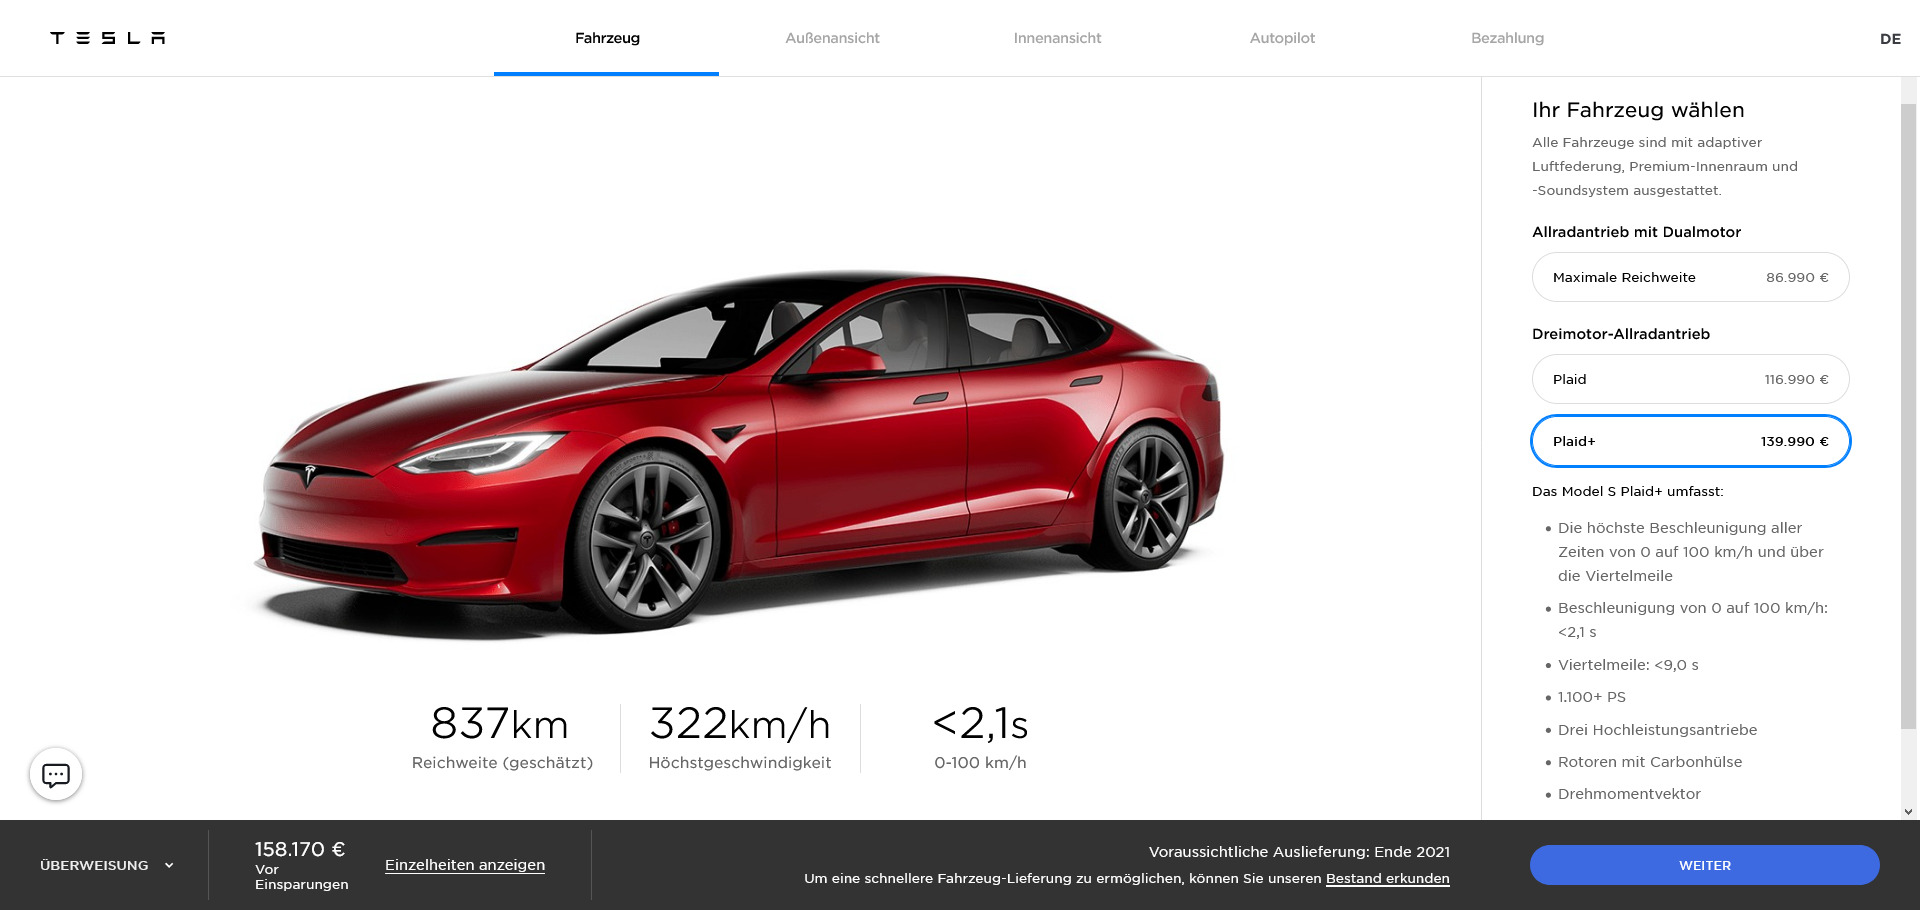 Das neue Model S.jpg